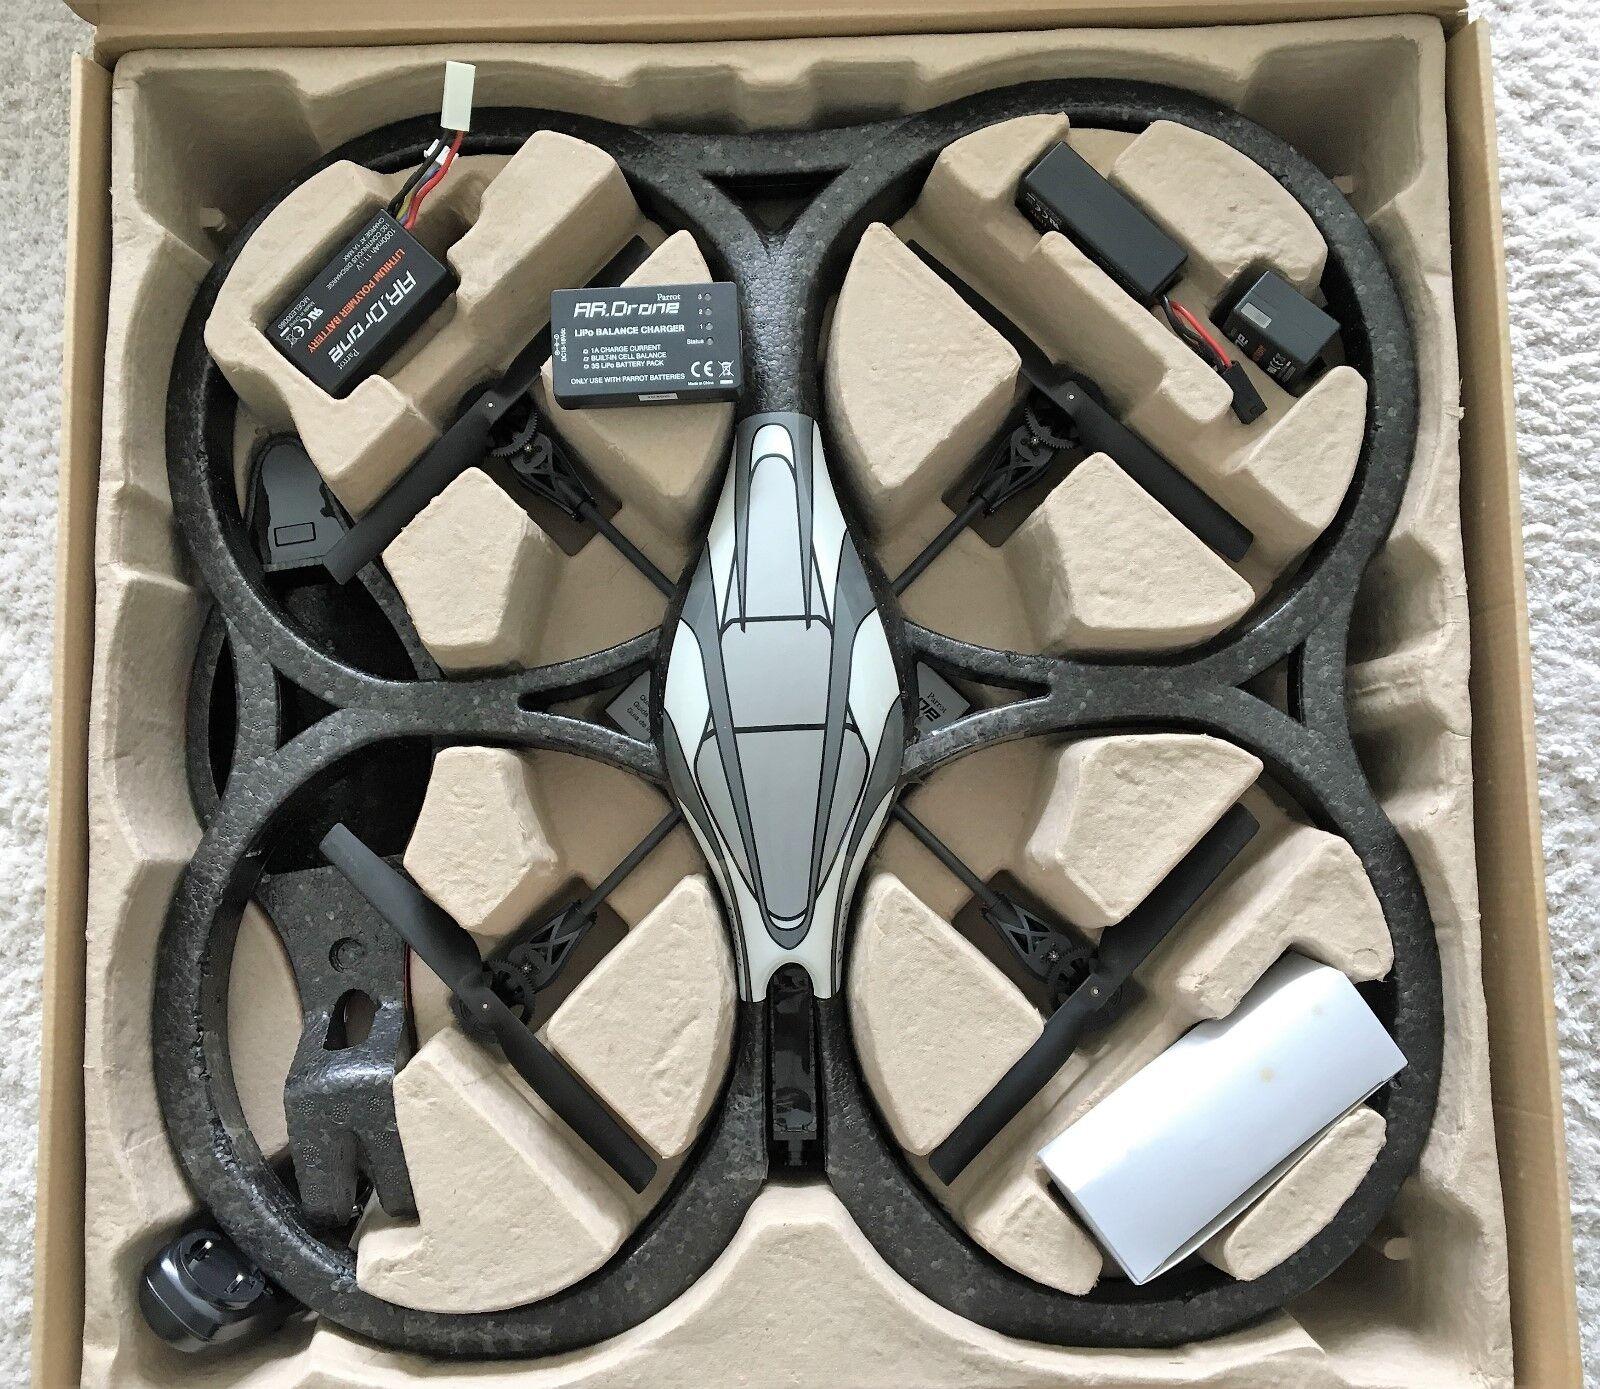 Parrosso AR. Drone 1.0 verde arancia Quadcopter Quadrocopter